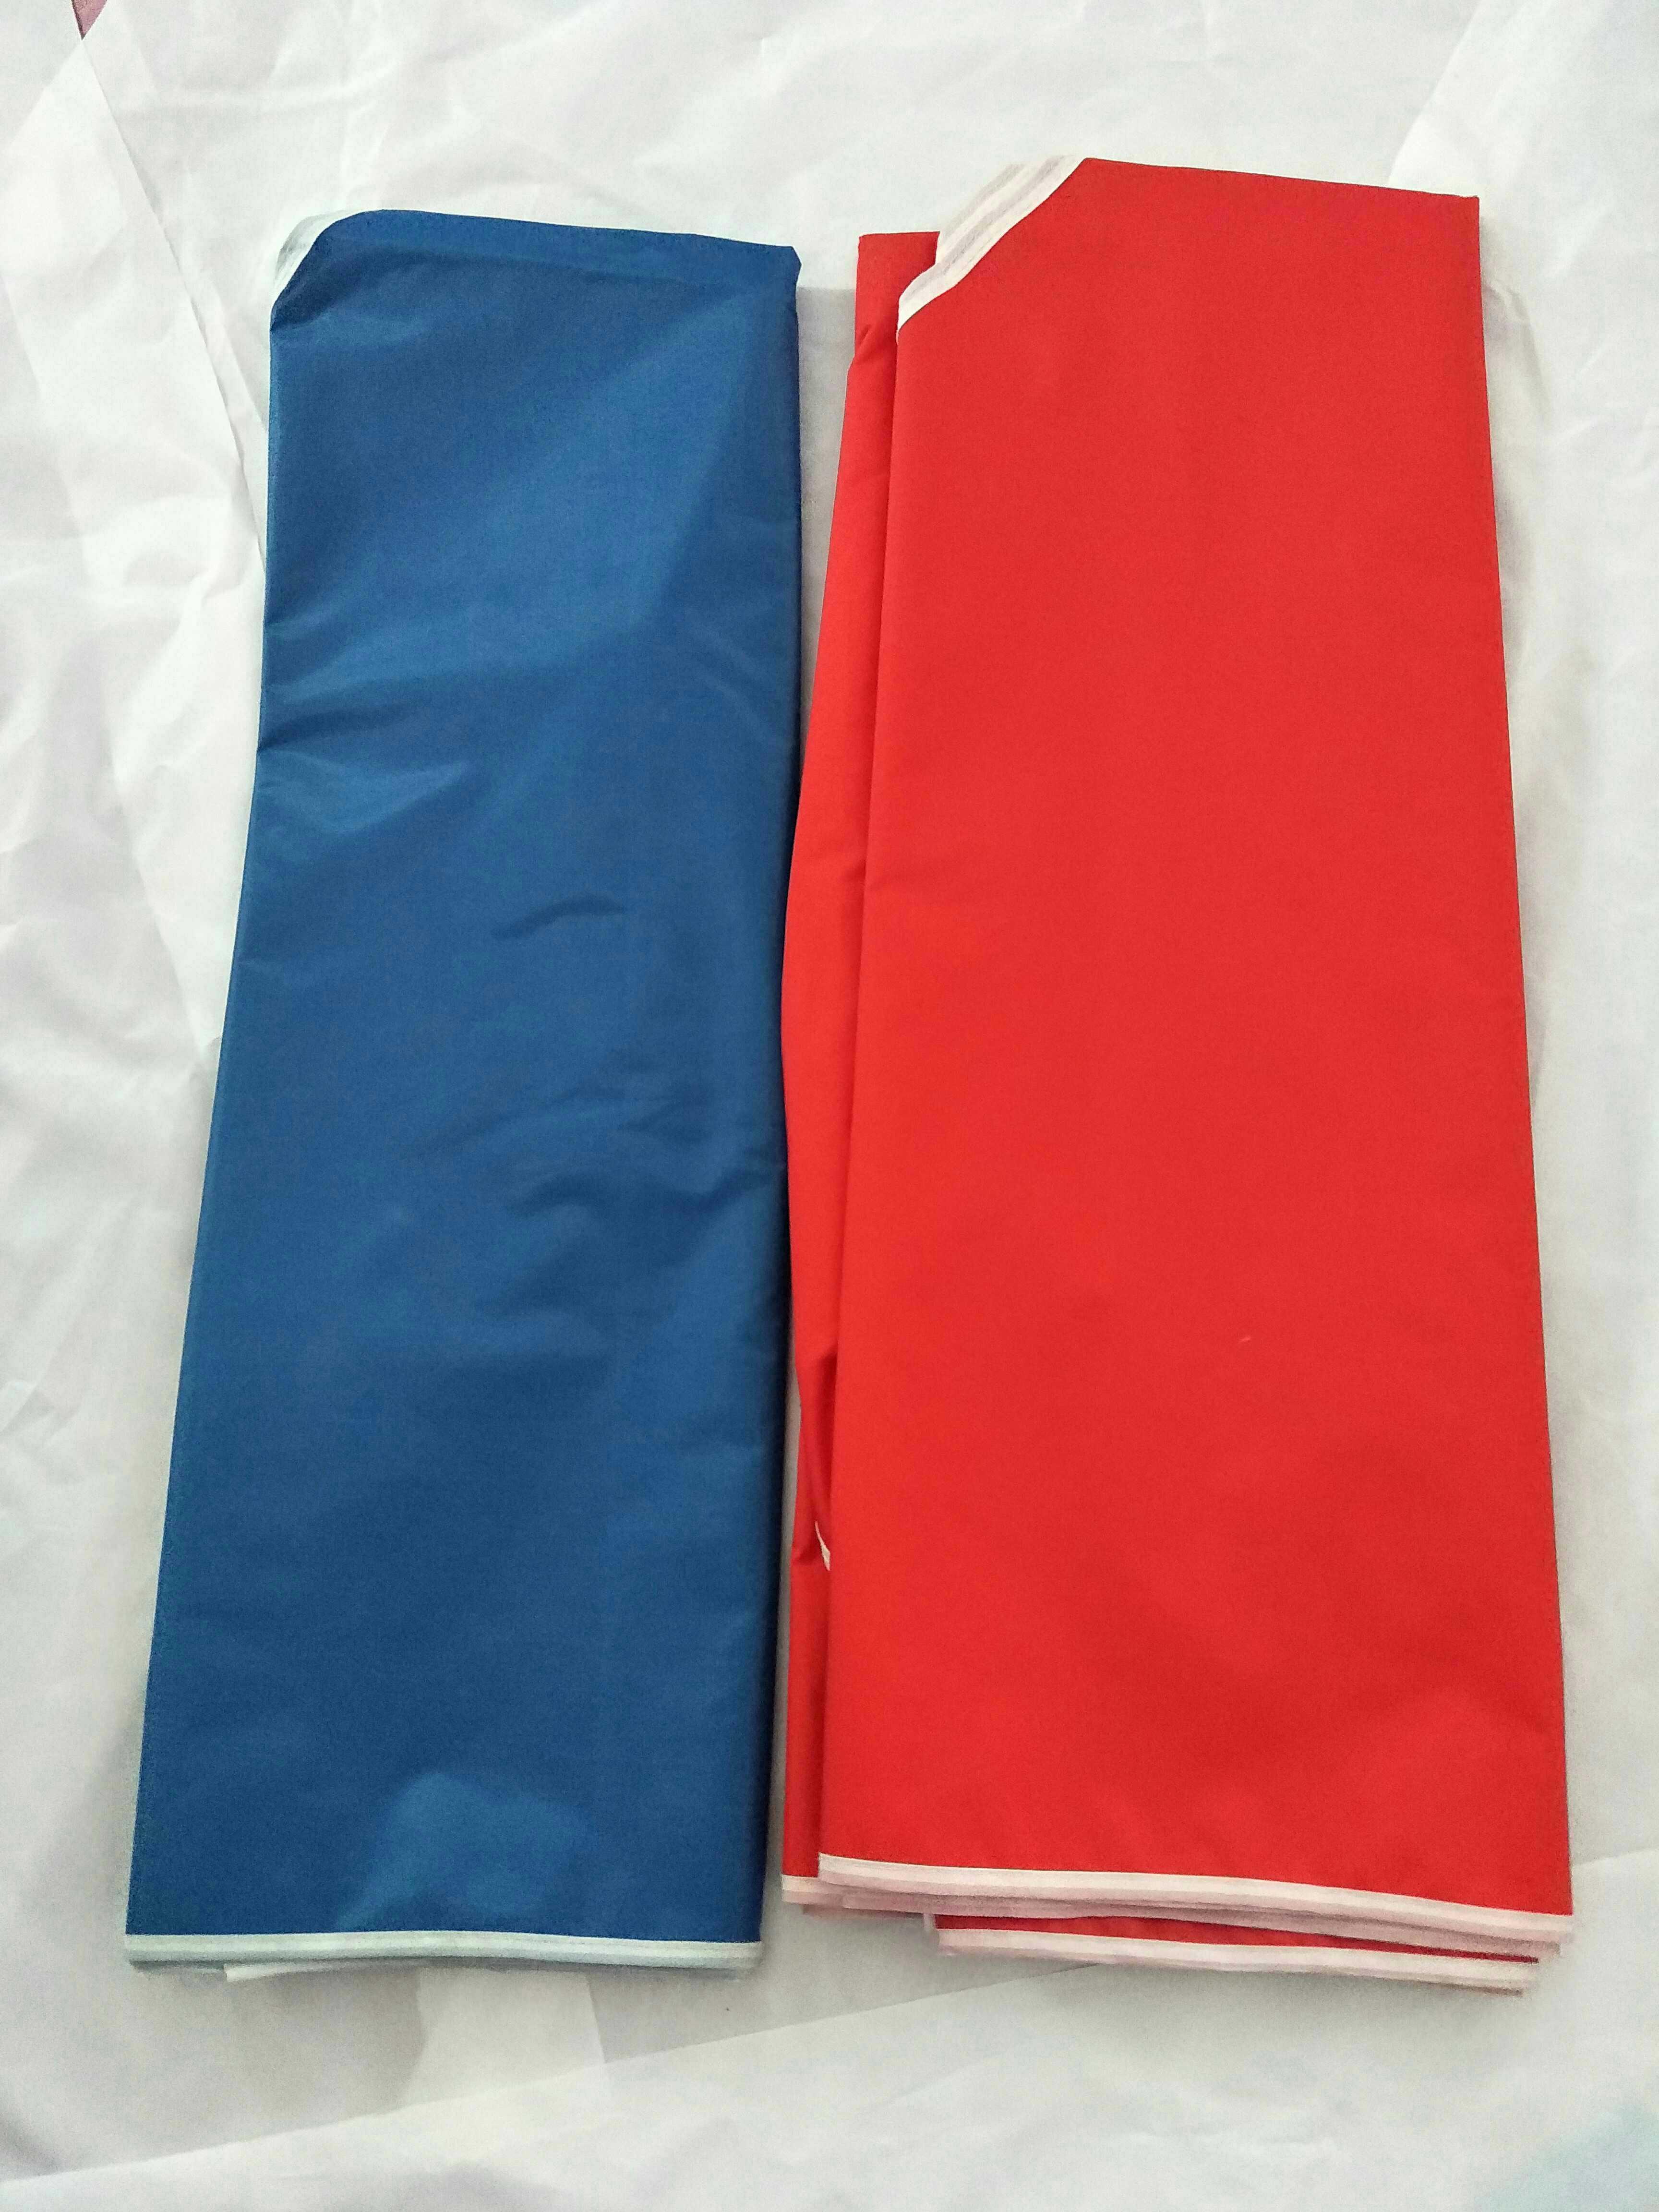 Продаётся напрямую с завода горячей ультра низкая цена 3x3 раз сложить палатка противо-дождевой ткань топ 50 юань тонкая модель ноги ткань зонтика бесплатная доставка